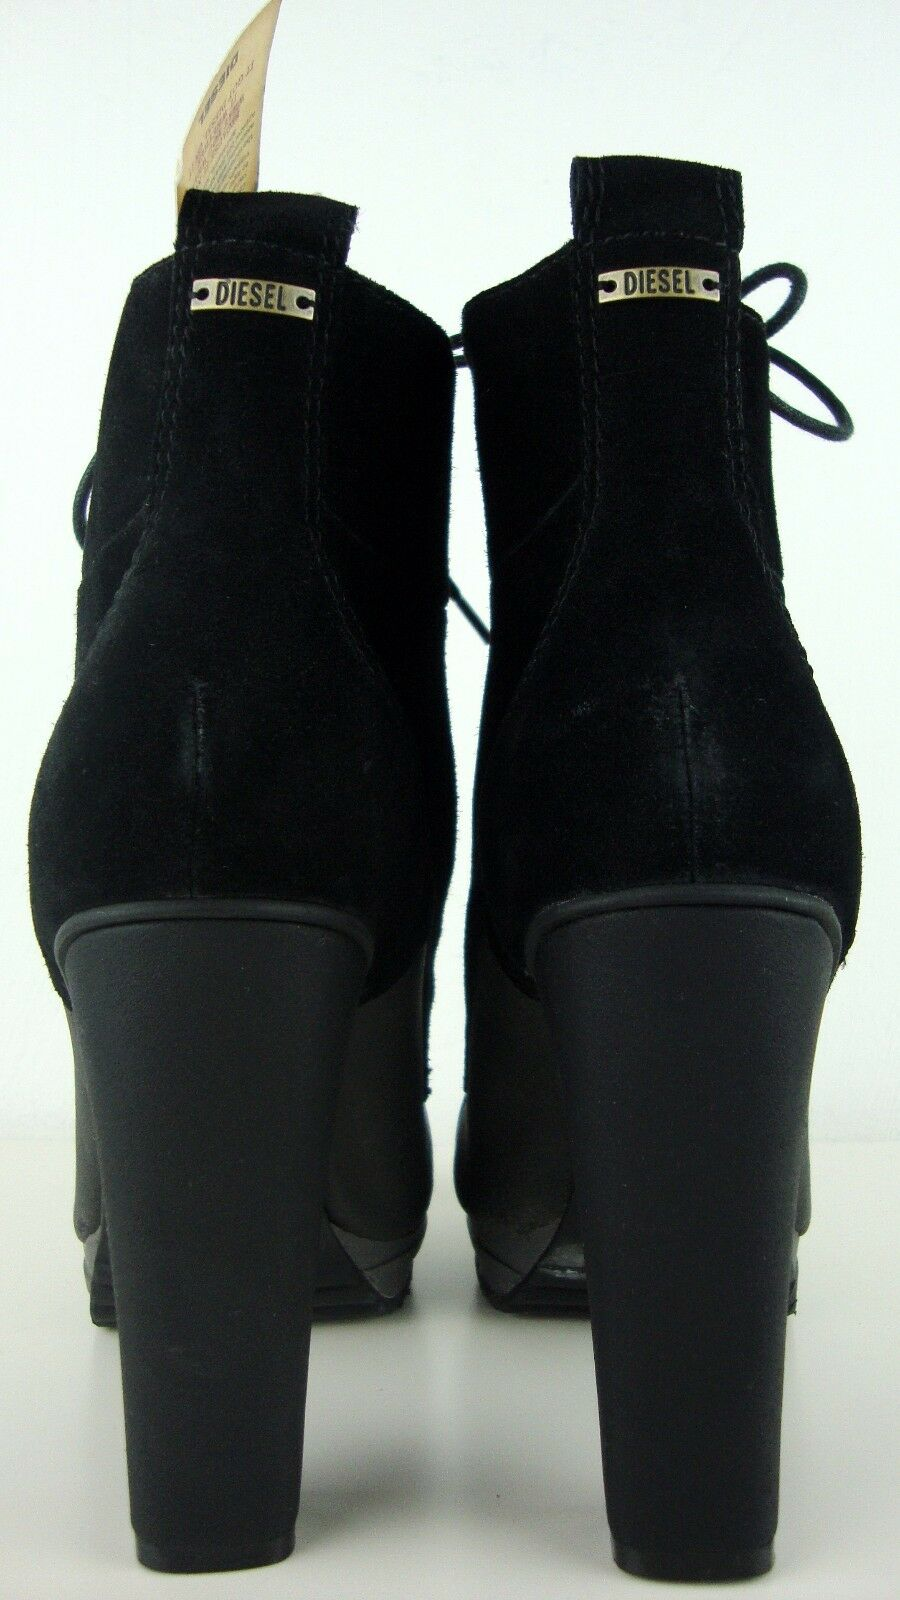 DIESEL Stiefeletten Ankle Gr.39 Boots Damen Leder Halbstiefel Gr.39 Ankle NEU mit ETIKETT 15c211